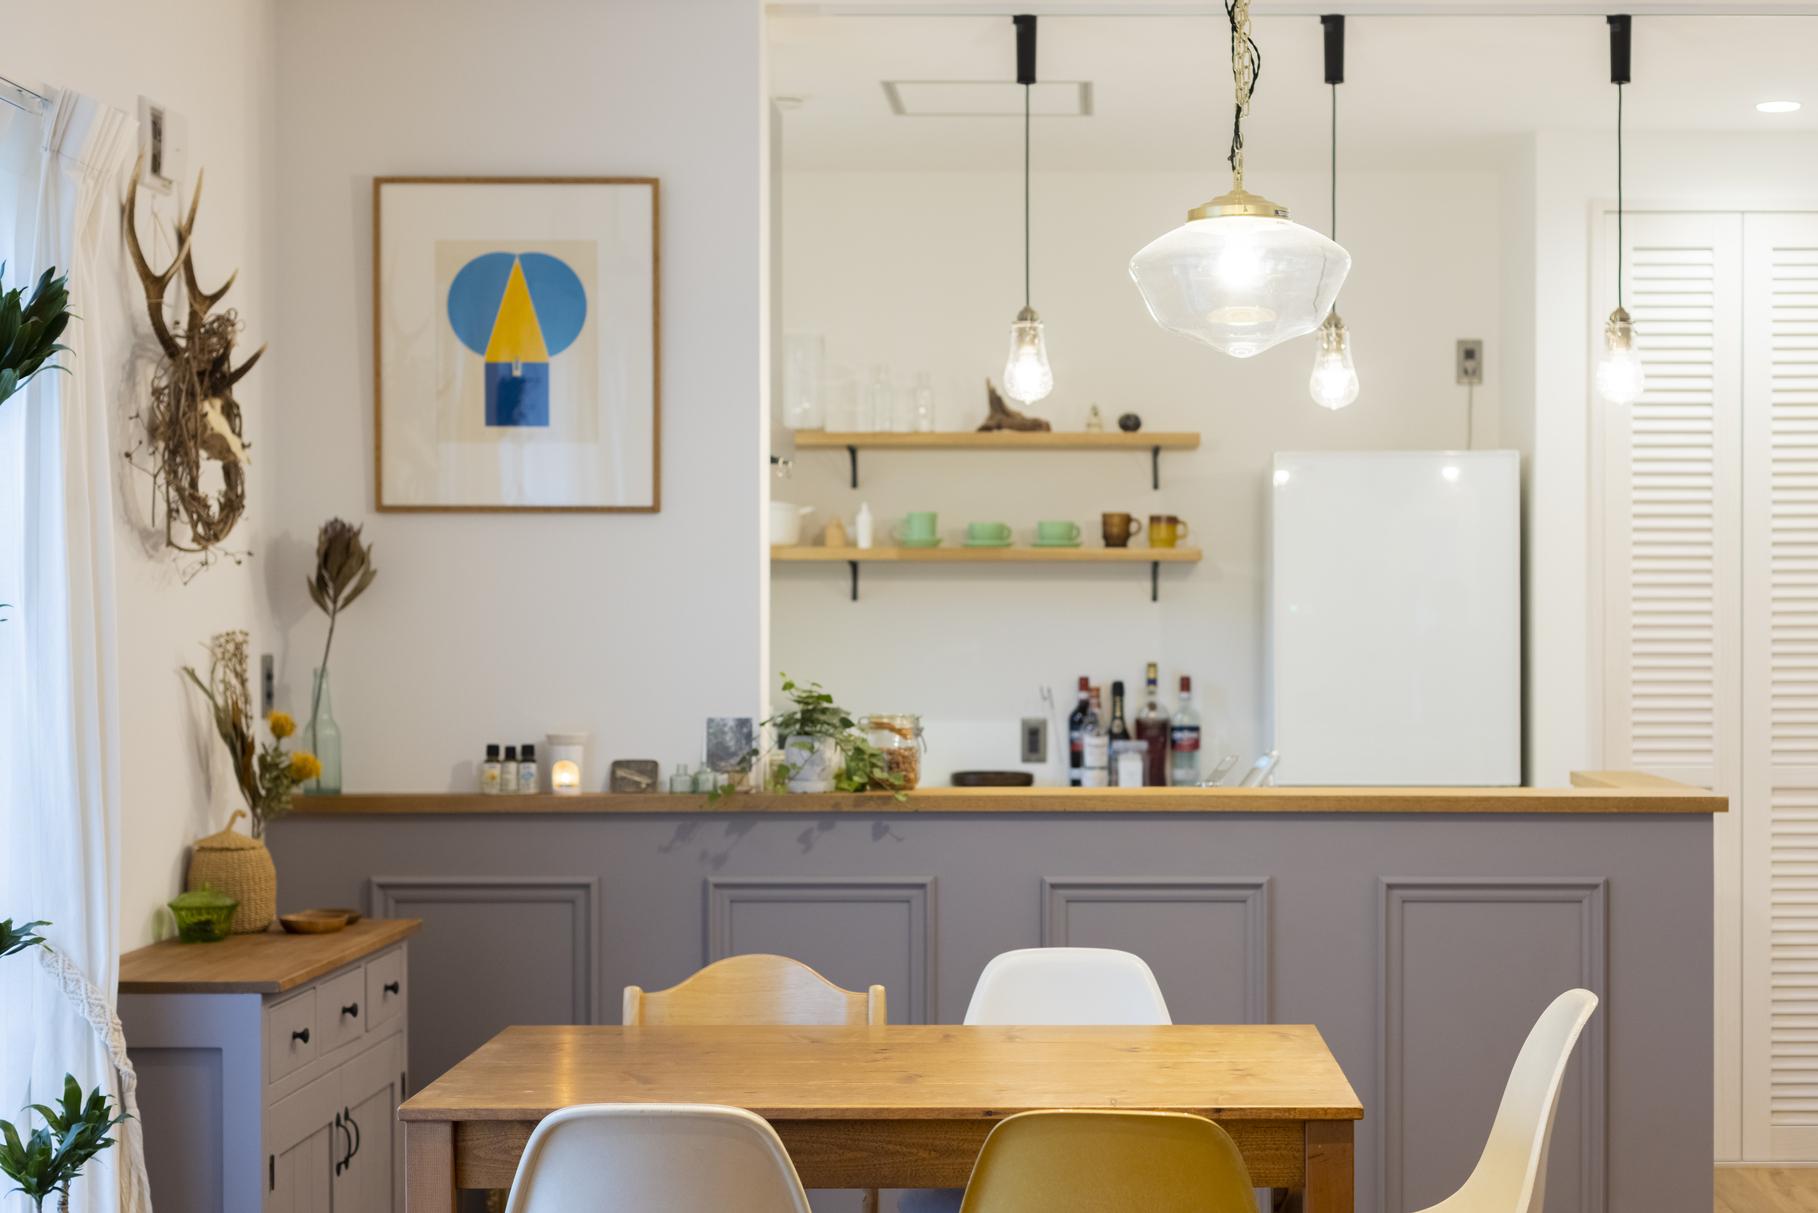 腰壁に框デザインのモールディングを合わせたスタイリッシュなキッチン